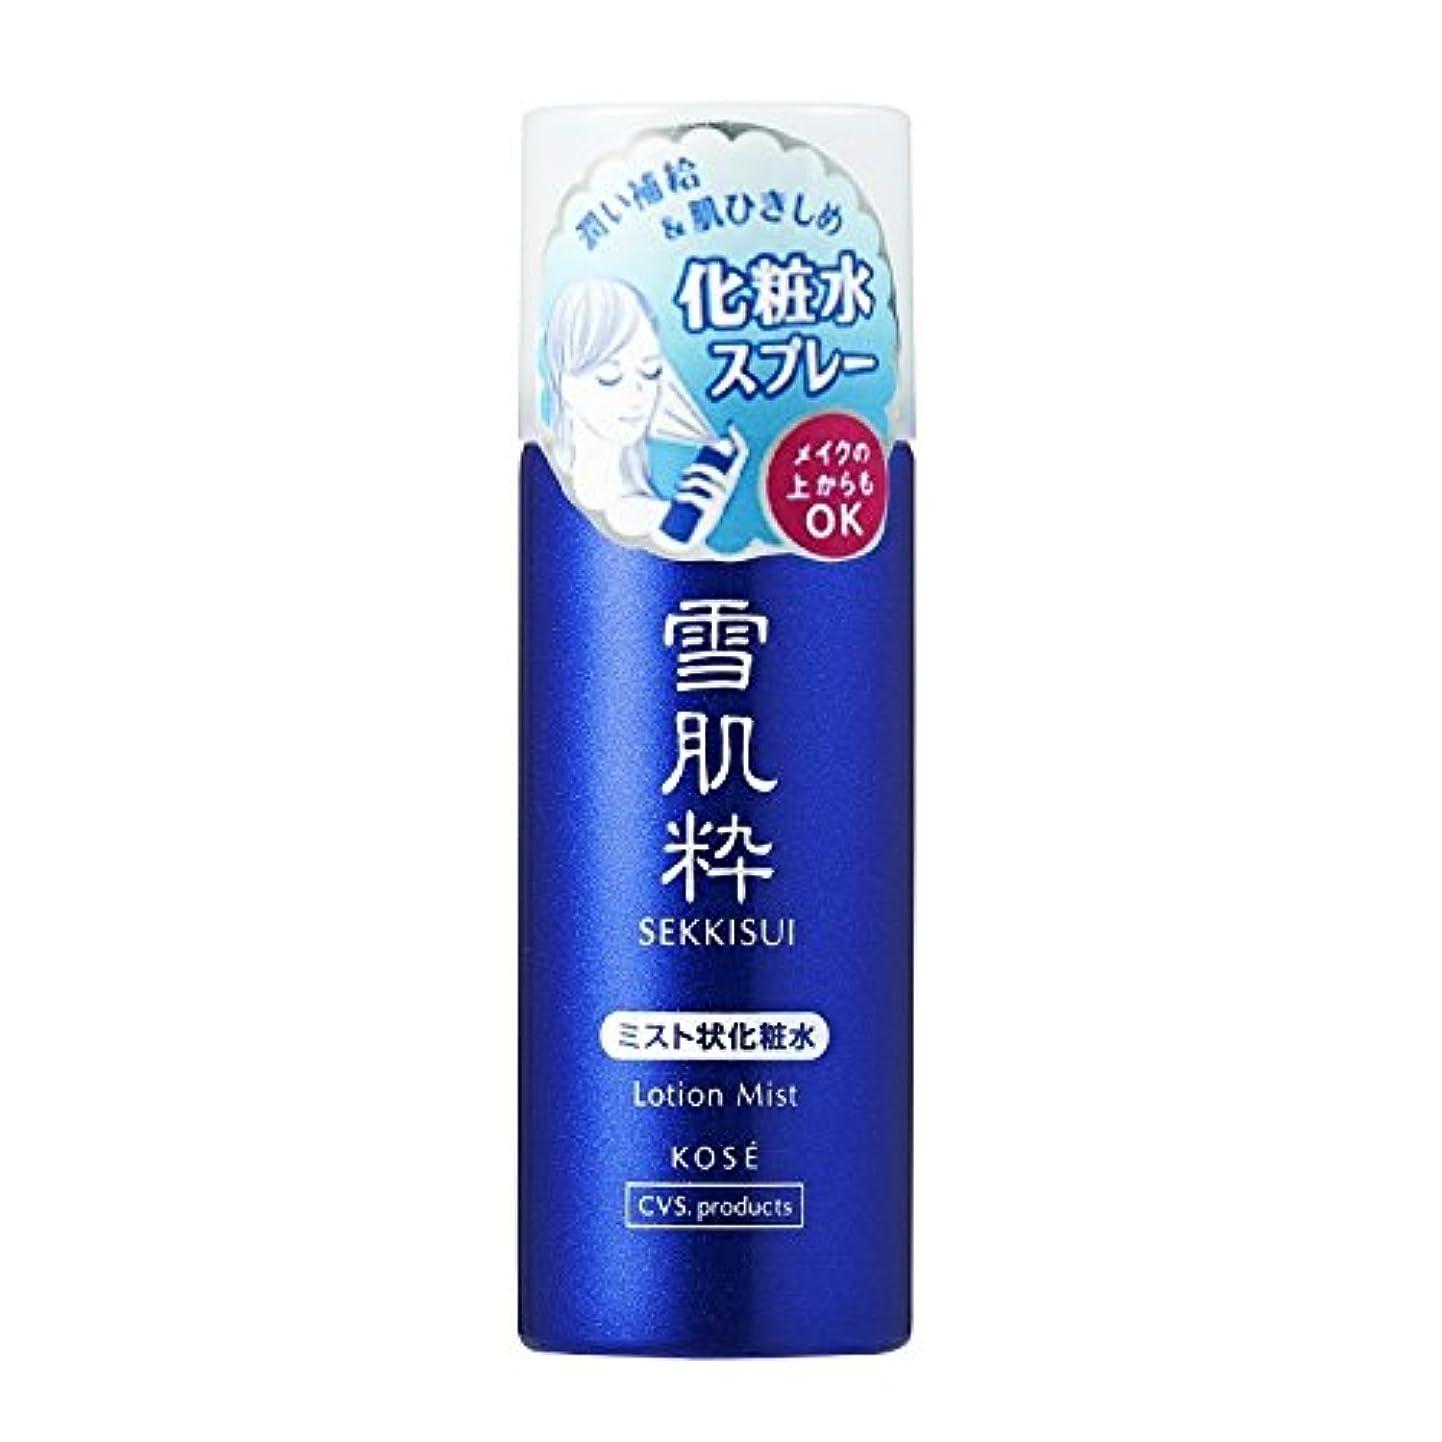 コーセー 雪肌粋 化粧水ミスト 35g×3本